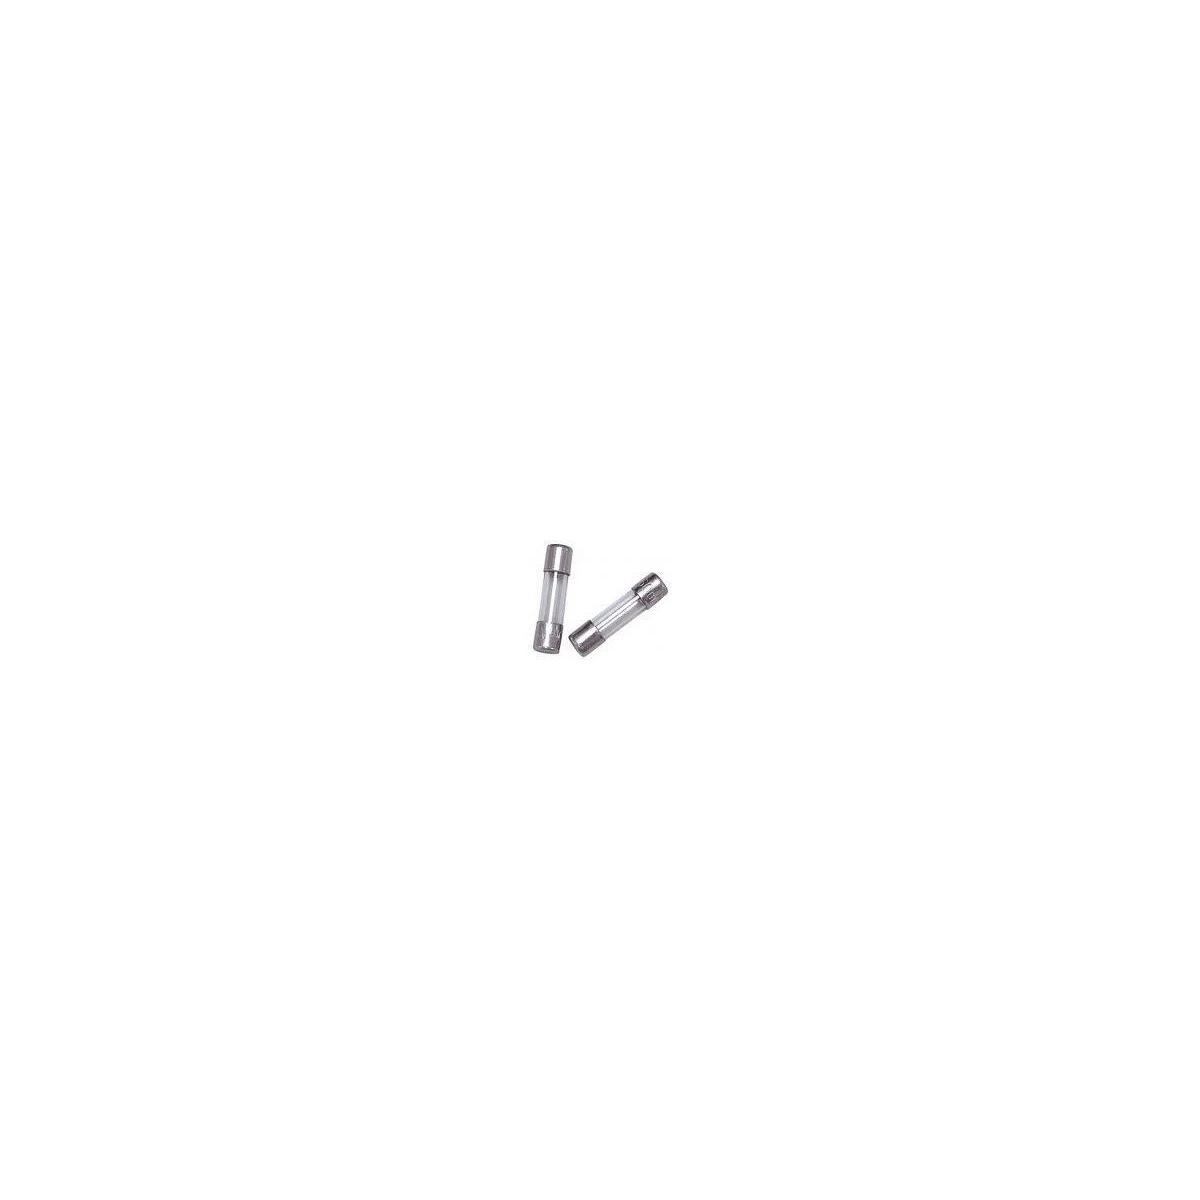 FUSIVEL - F RAPIDO 5X20MM (PACOTE COM 10 UNIDADES )-   0,8A